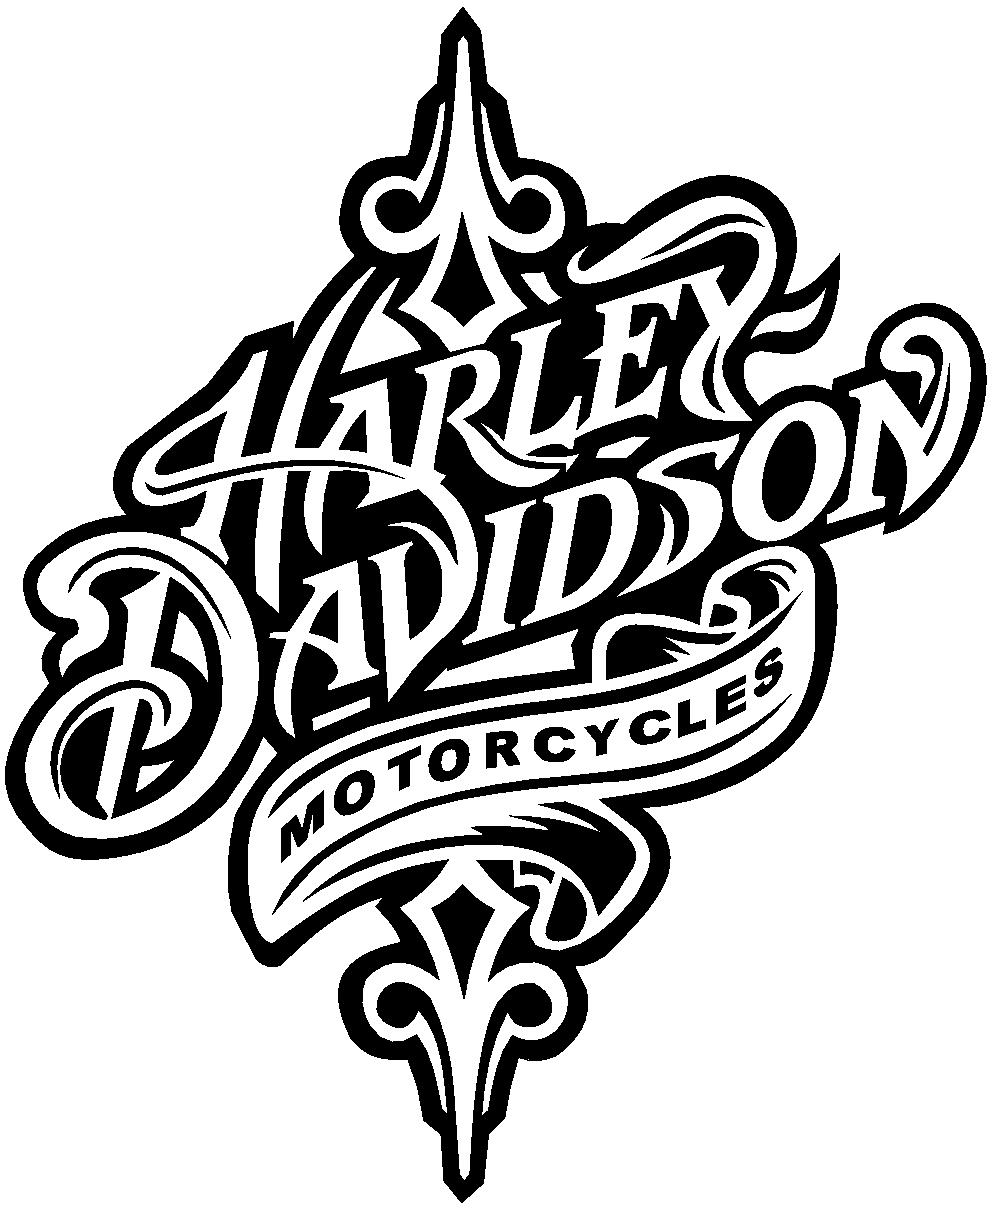 993x1209 Harley Davidson Png Transparent Harley Davidson.png Images. Pluspng